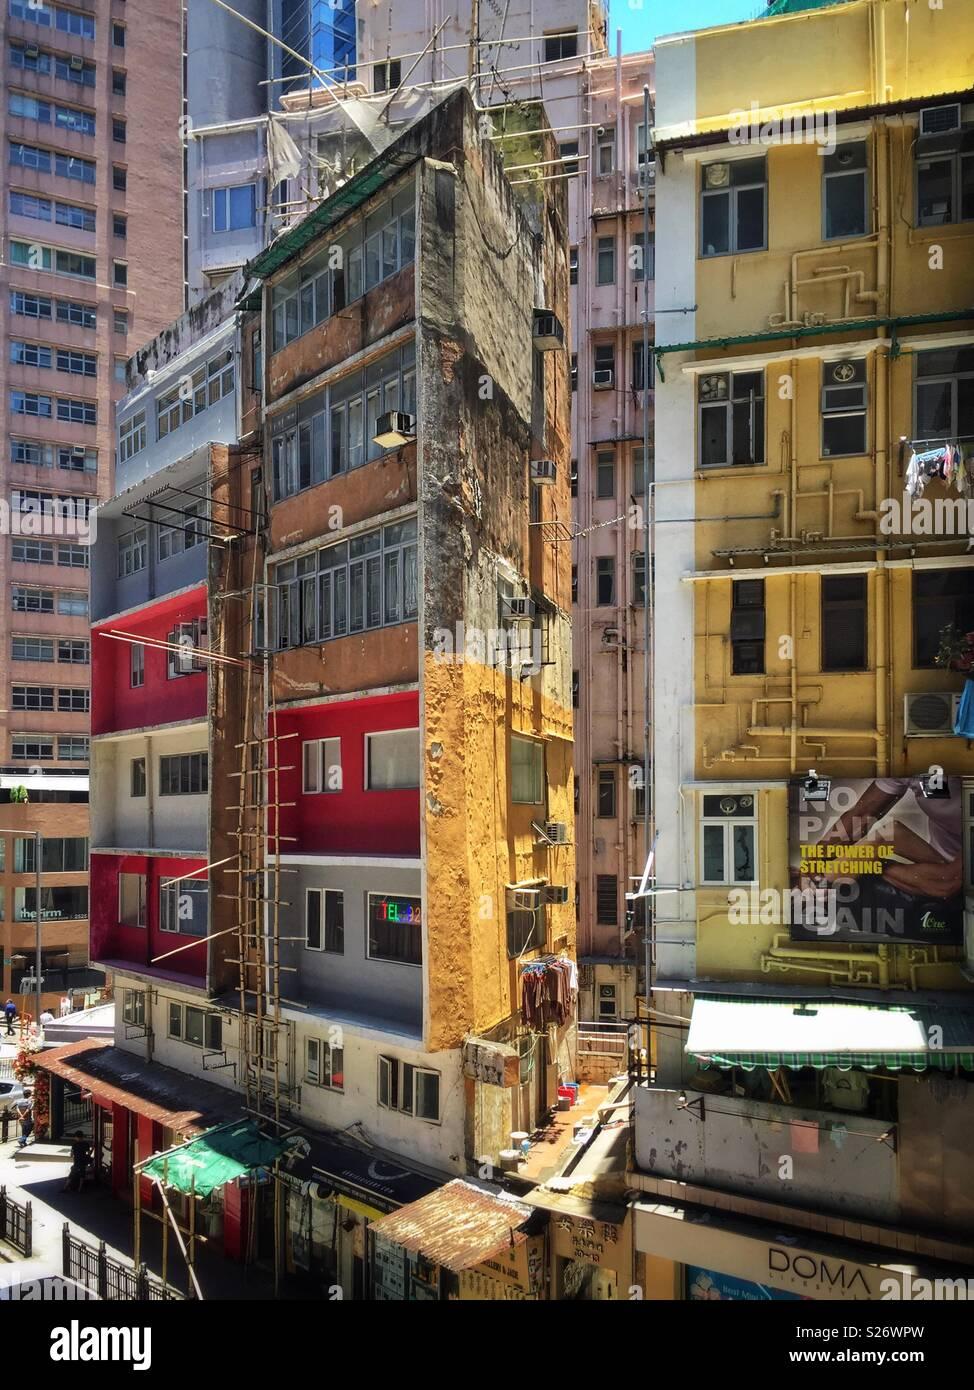 Viejo estilo apartamento walk-up bloque encima de tiendas minoristas en Hollywood Road, Central, Hong Kong Foto de stock